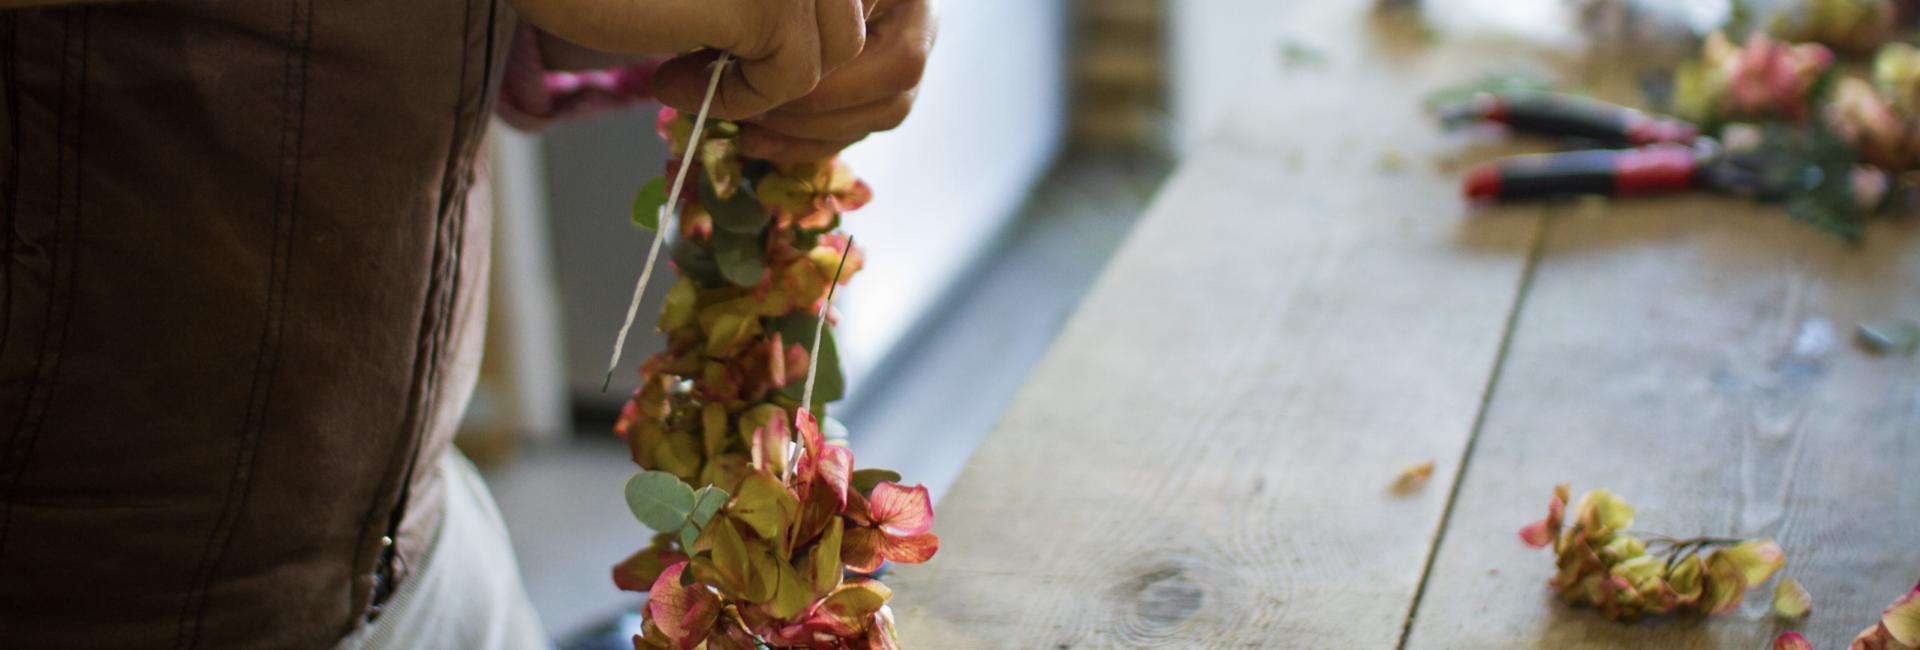 Floristería en Granada especialista en decoración de bodas y eventos - Arte floral